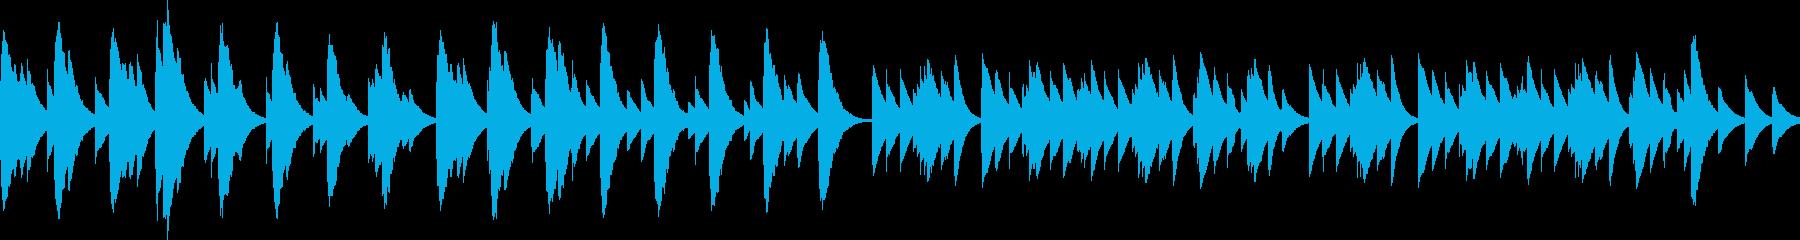 優しくてしんみりするBGM(ループ)の再生済みの波形